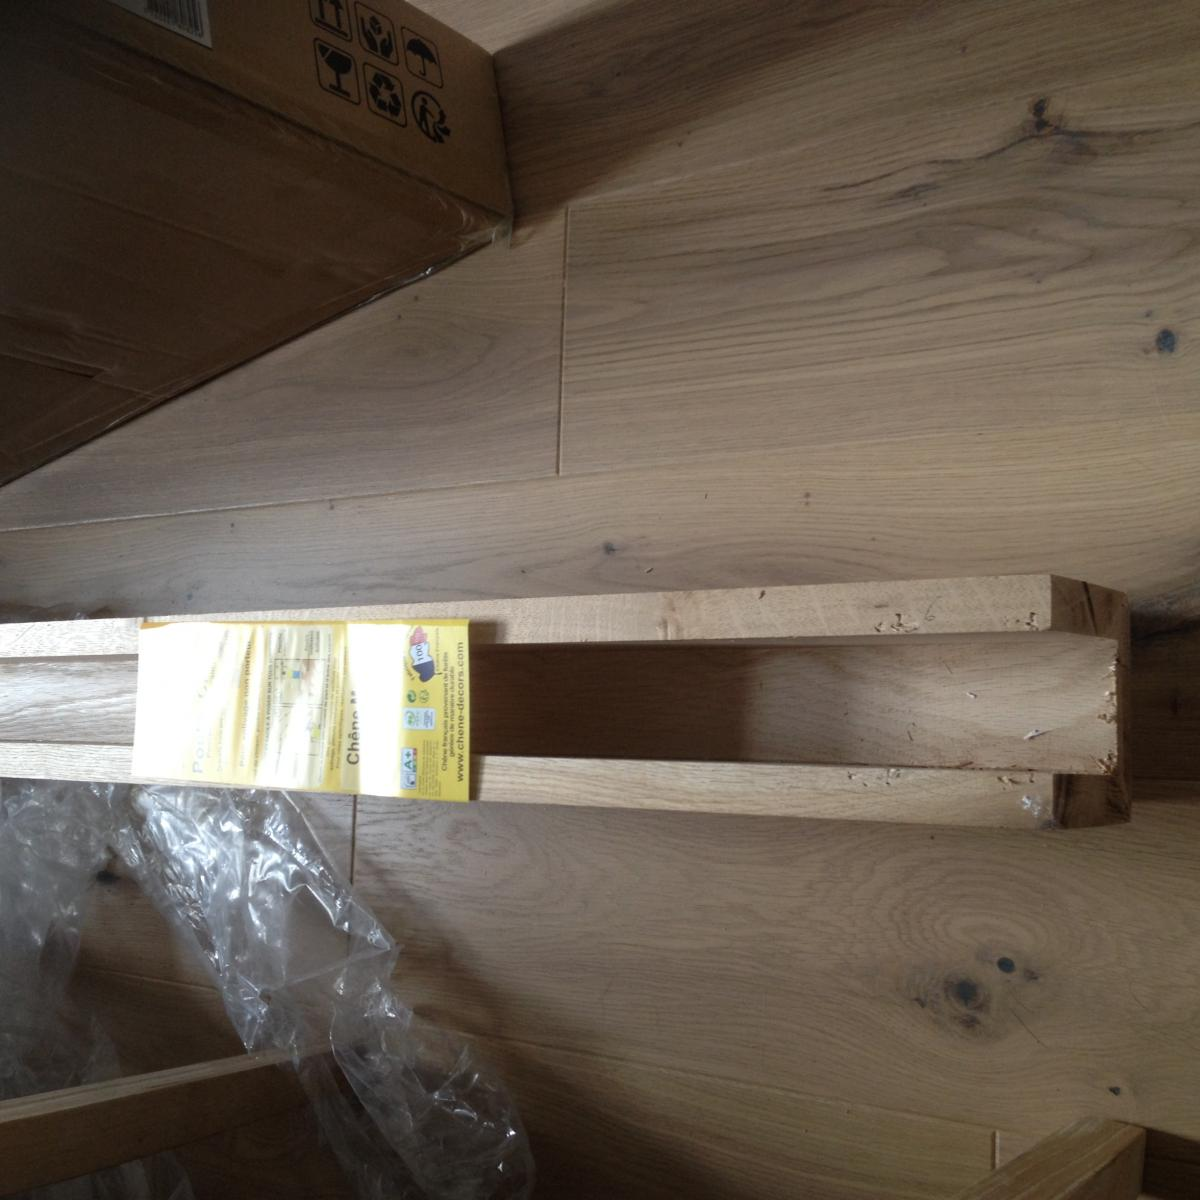 Connu Rattraper un plafond pour y fixer une poutre SM78